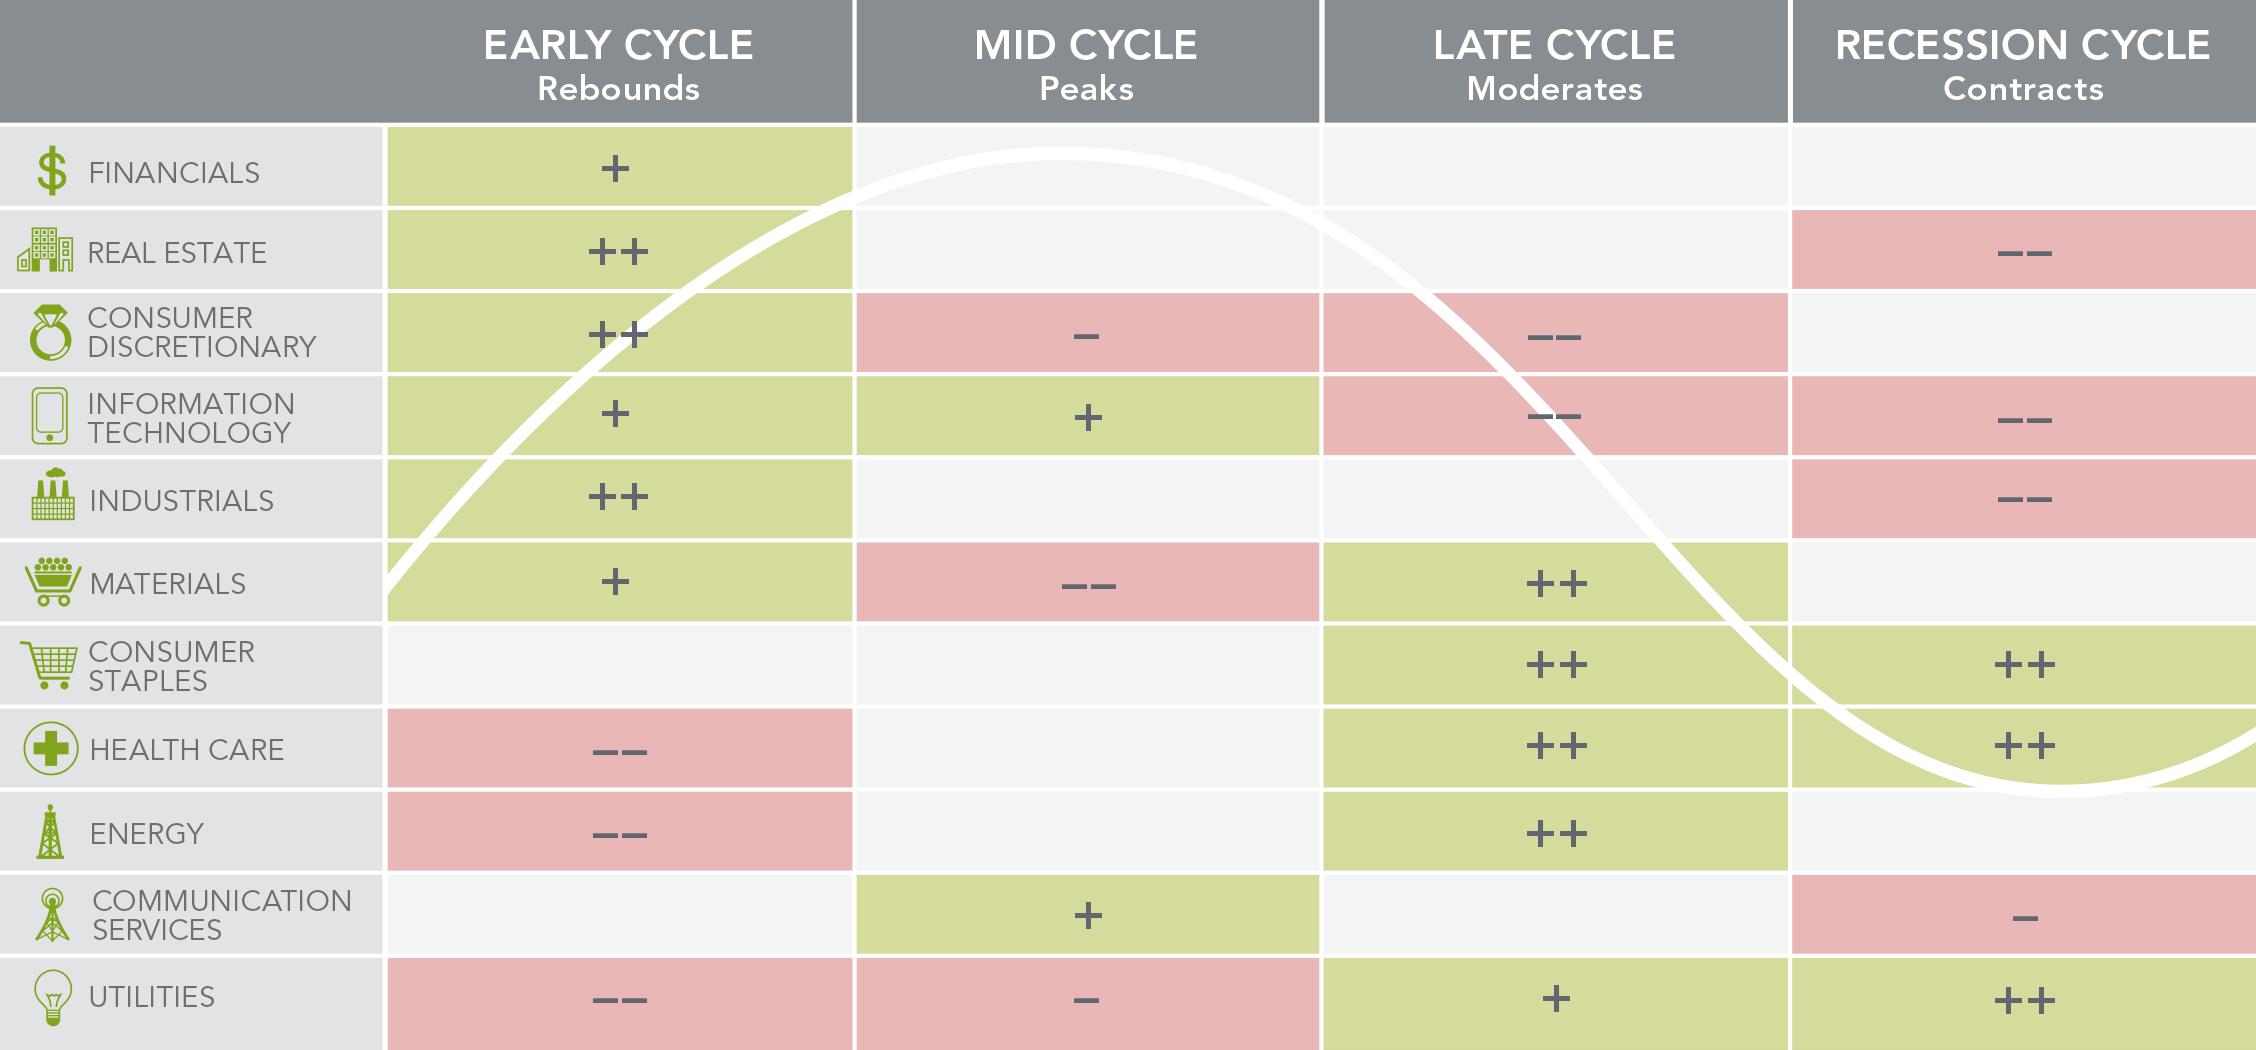 Корреляция секторов с четырьмя этапами бизнес-цикла: ++ — сектор показывает себя значительно лучше рынка; + — лучше рынка; − — хуже рынка; −− — значительно хуже рынка. Пусто — нет четко выраженных закономерностей